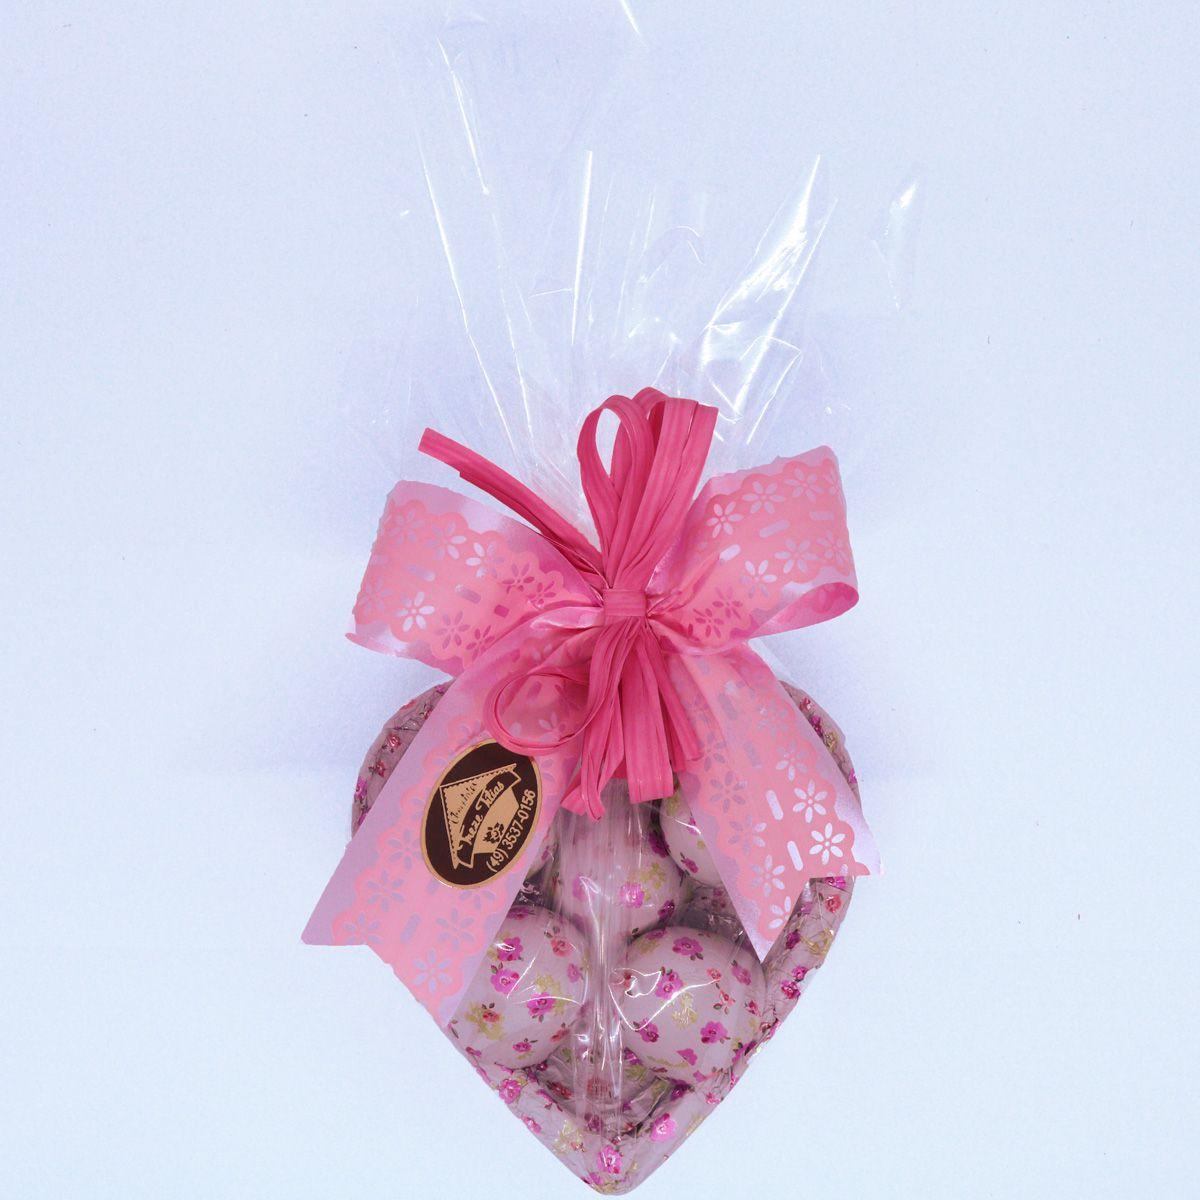 Casca de Coração com Chocolate ao Leite e Bombons de Licor